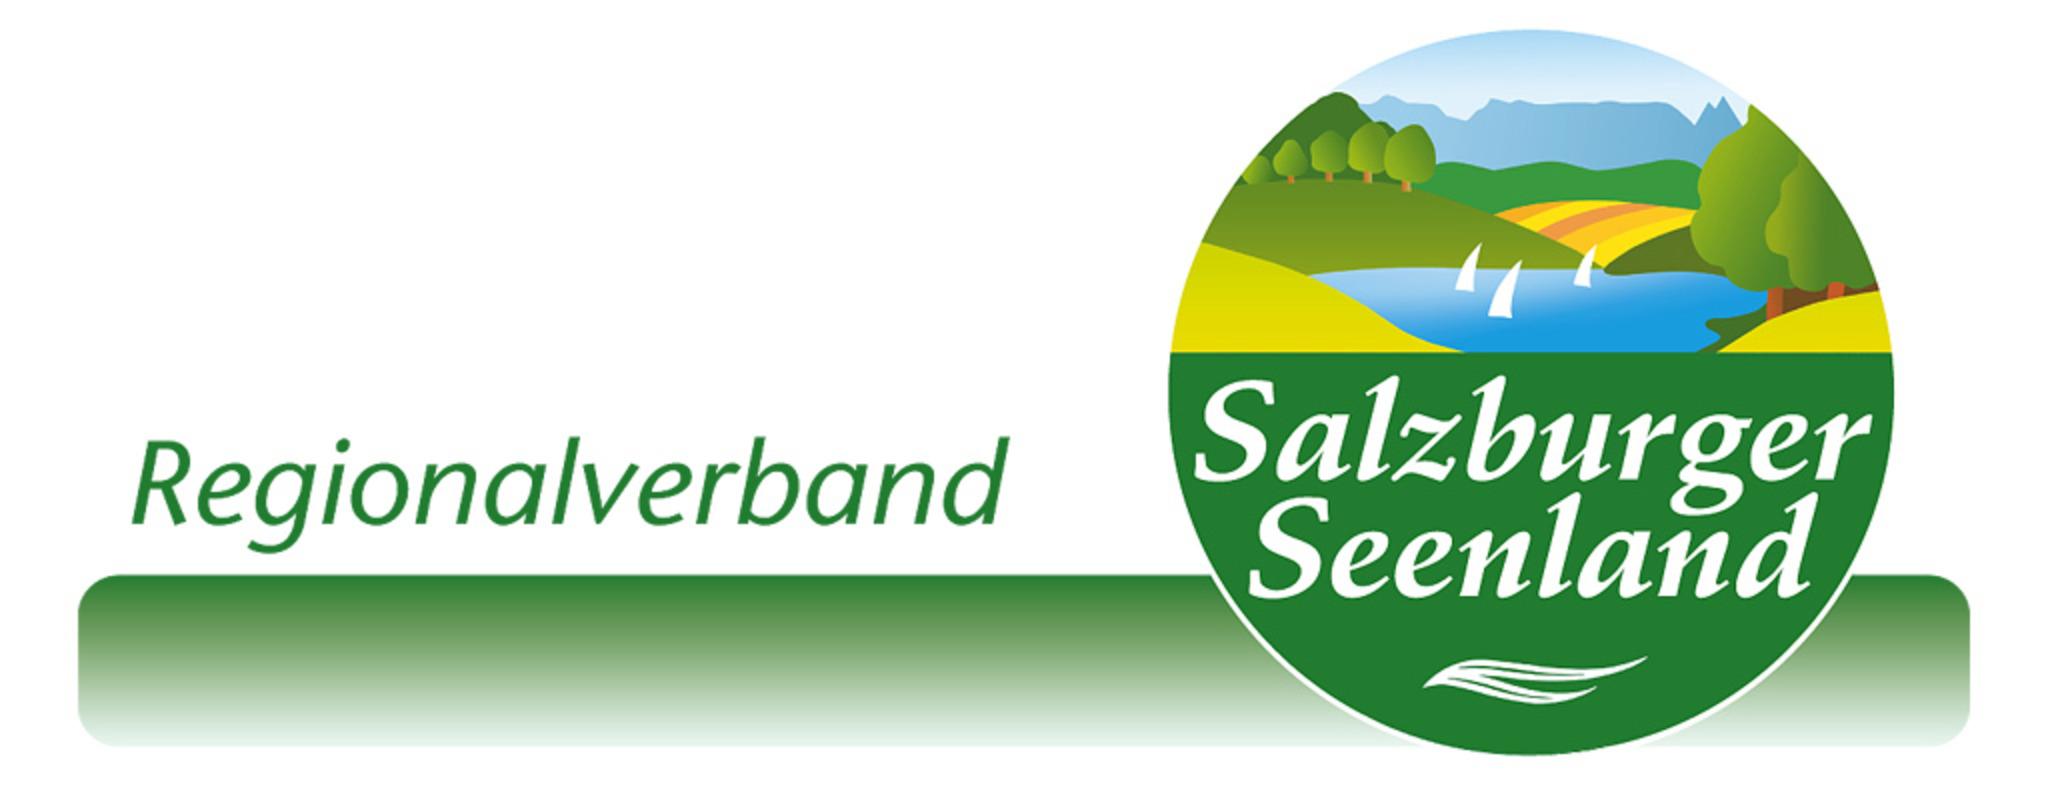 Regionalverband Salzburger Seenland